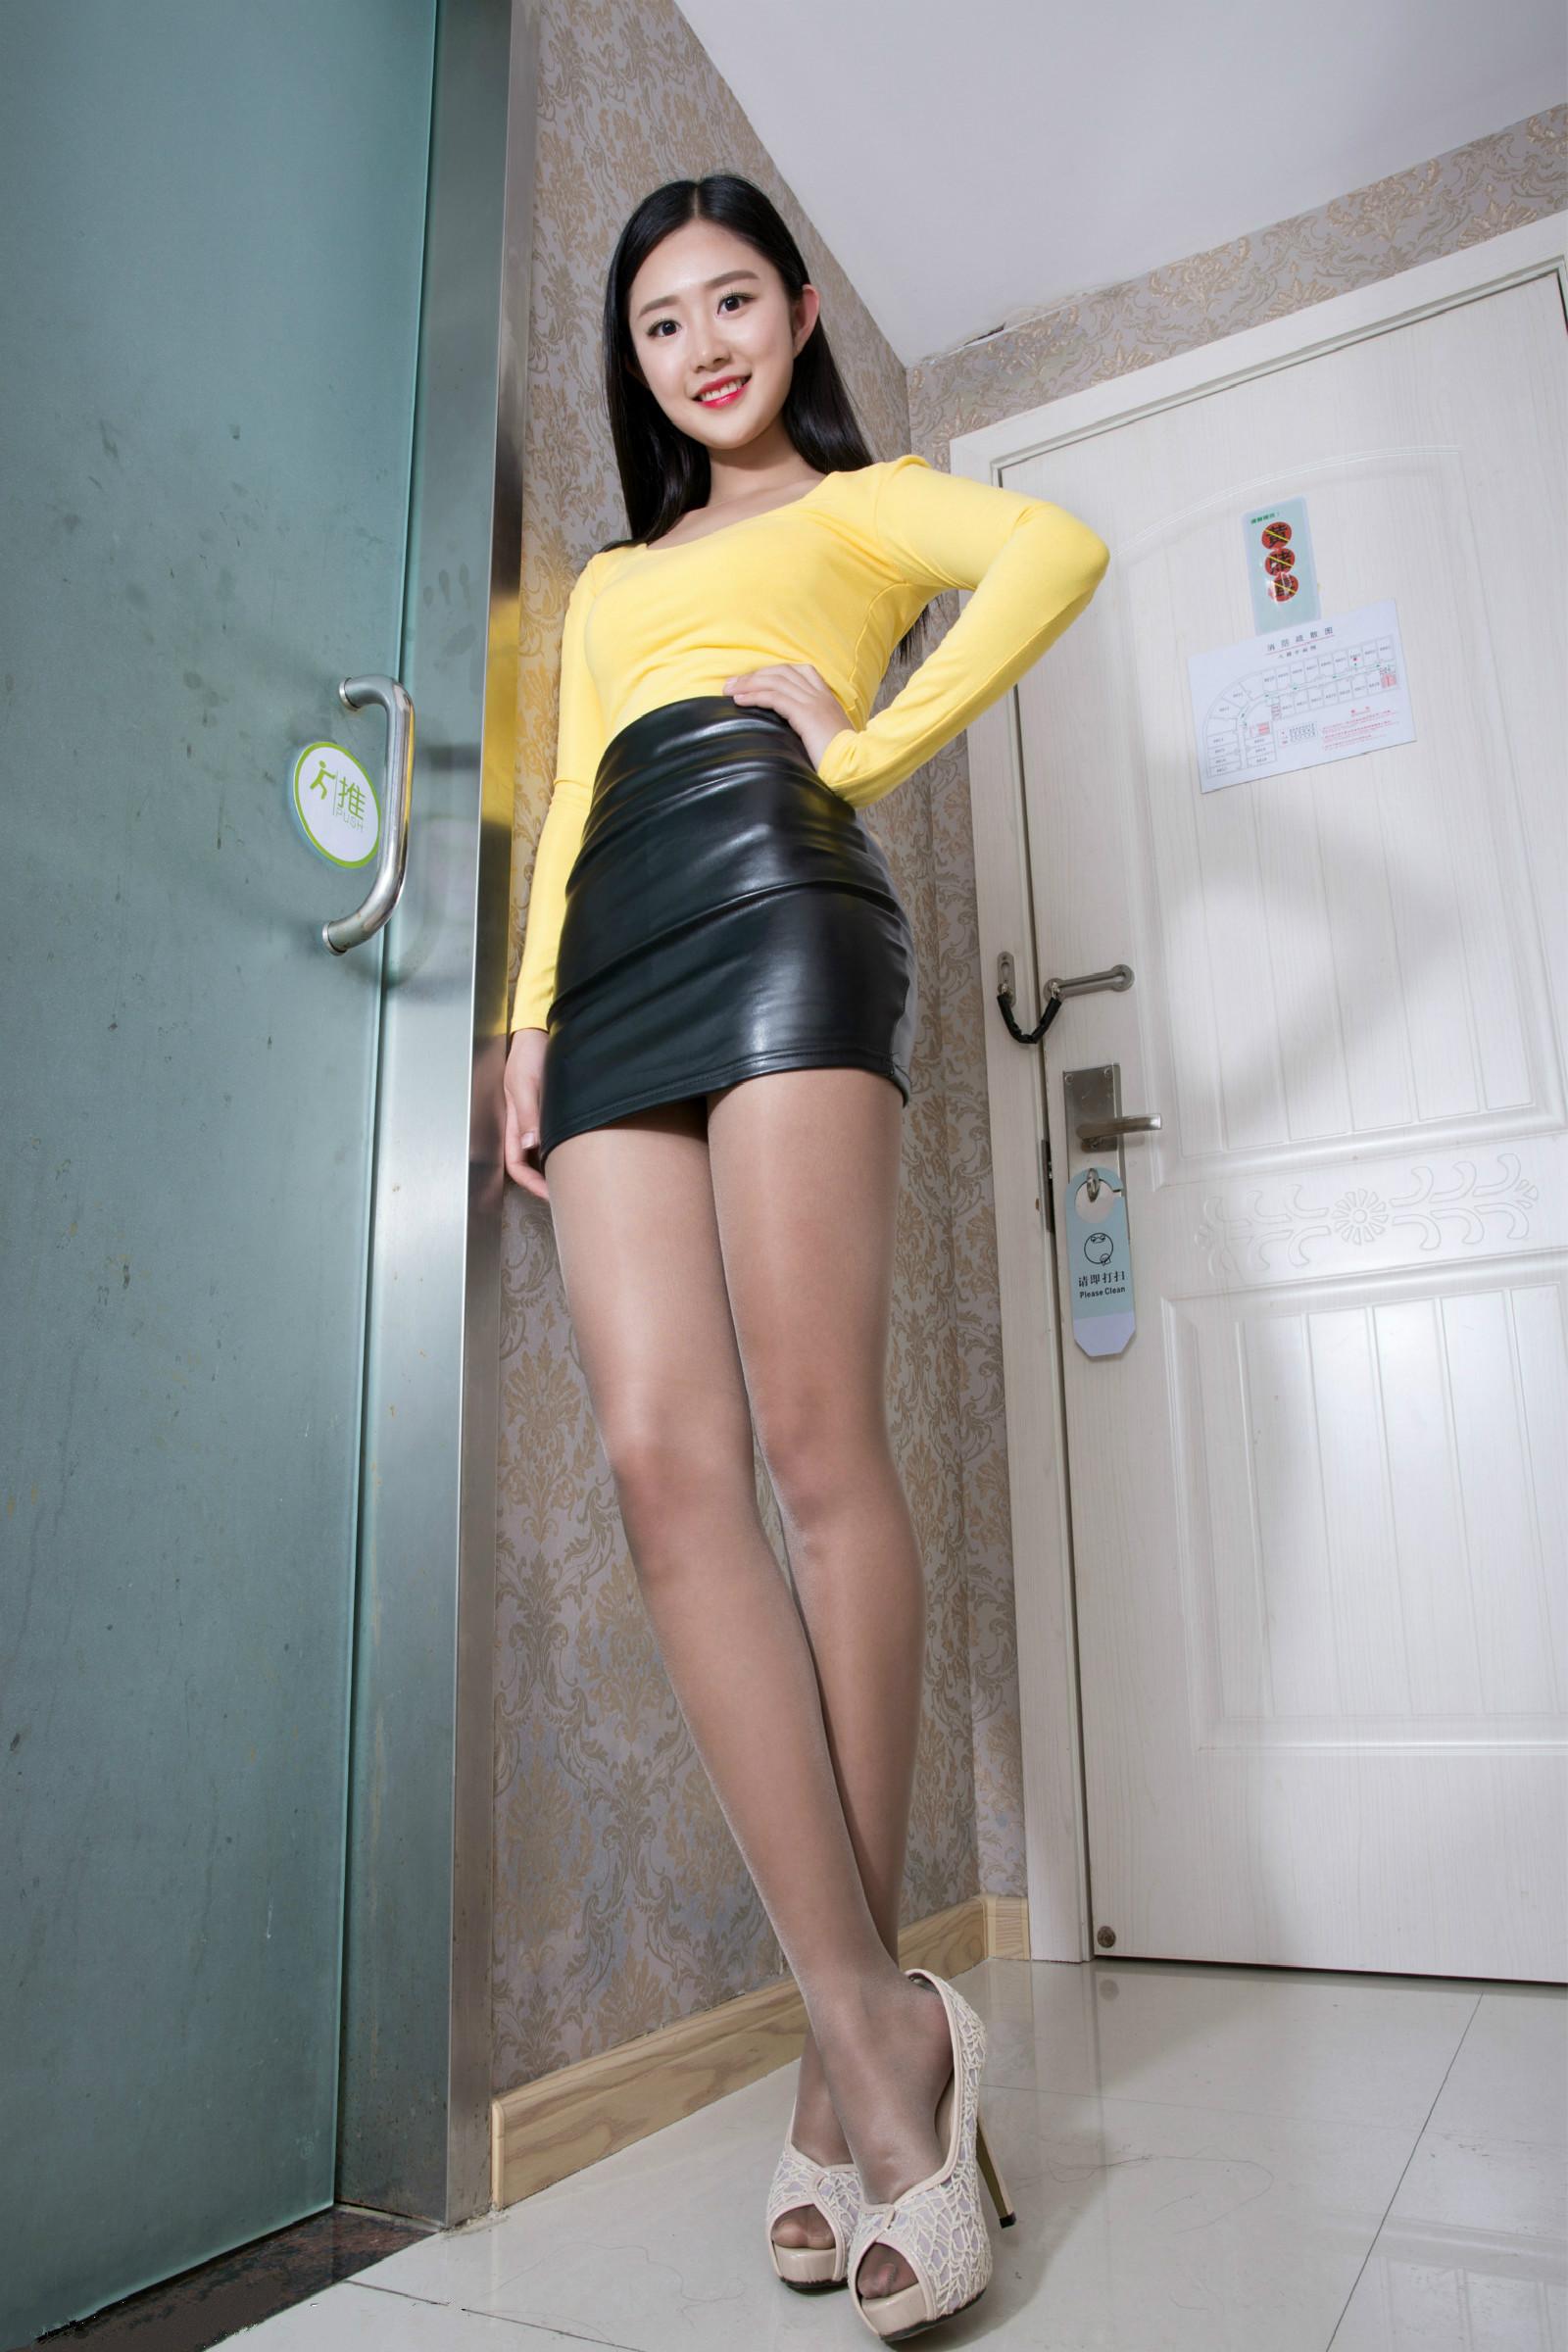 丽柜美模美腿秀10 - 花開有聲 - 花開有聲